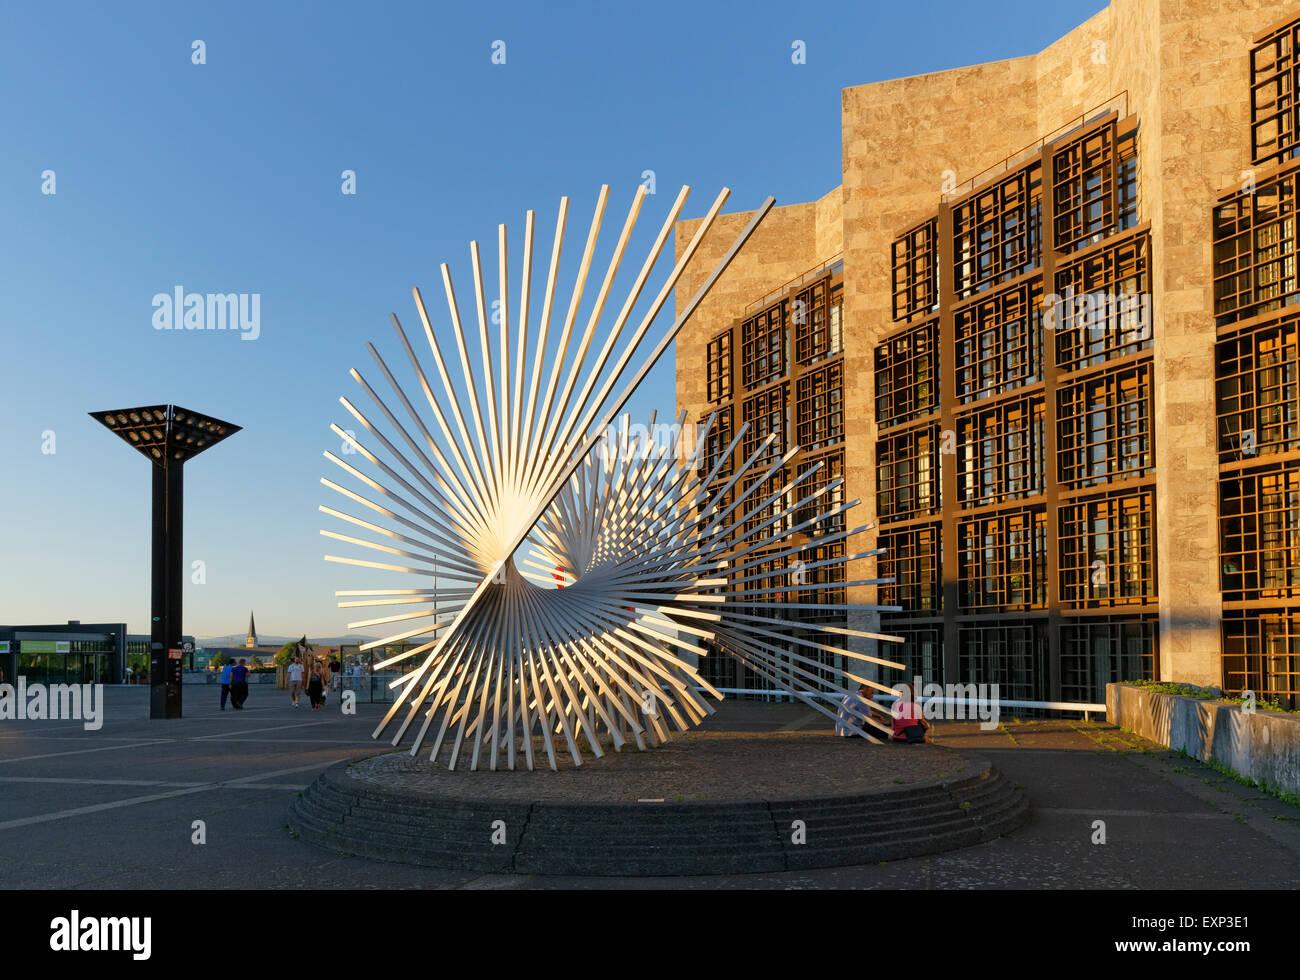 La vitalità della scultura da Andreu Alfaro e il municipio, Jockel-Fuchs-Platz, Mainz, Renania-Palatinato, Immagini Stock